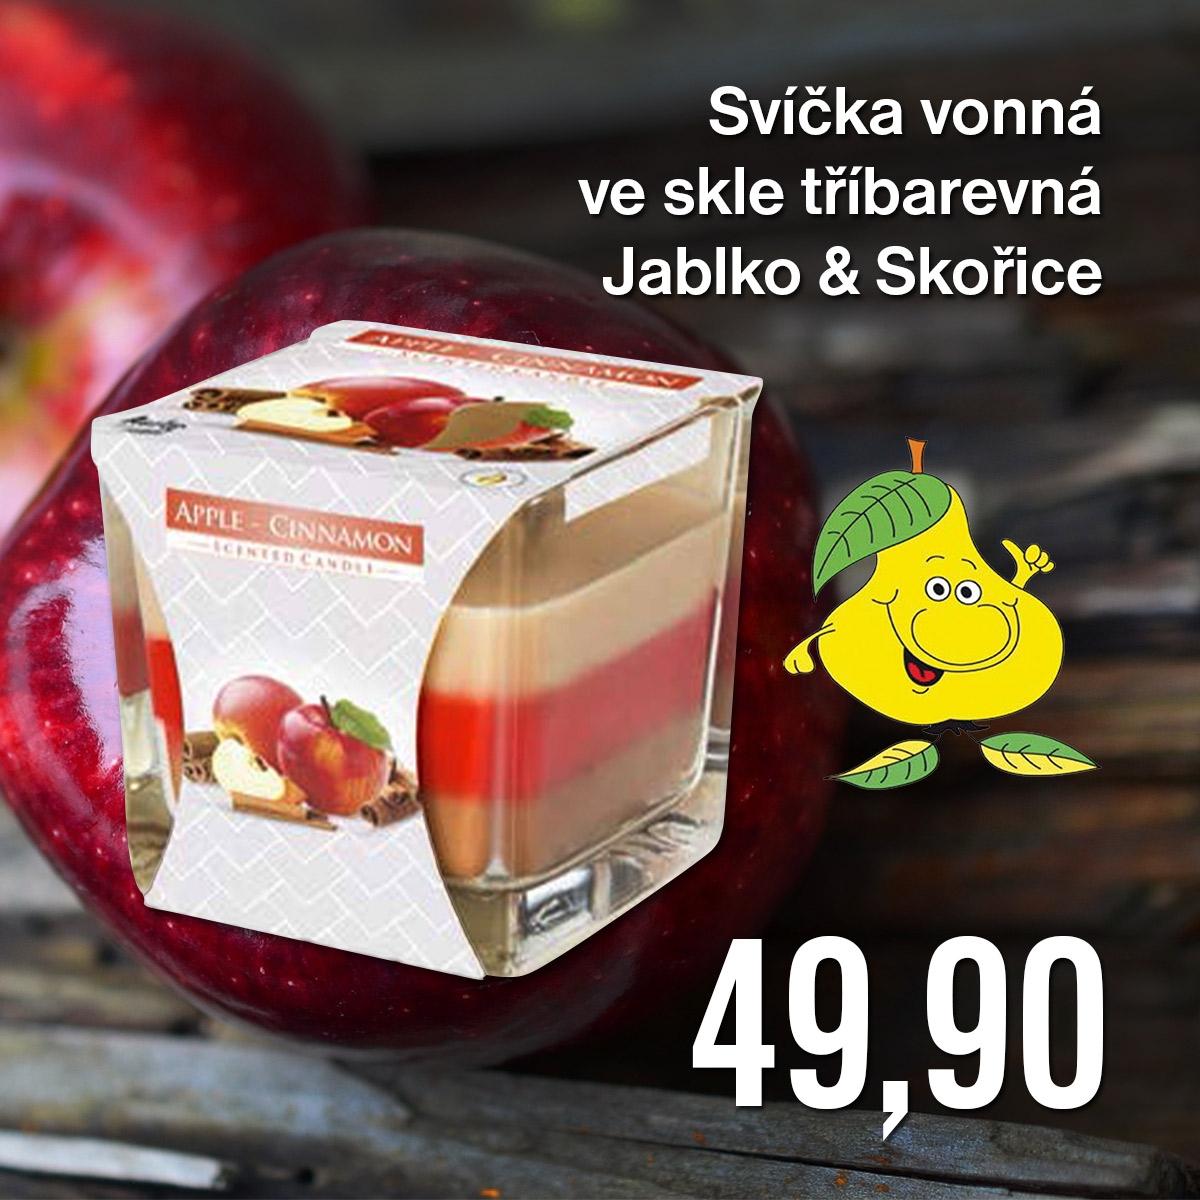 Svíčka vonná ve skle tříbarevná Jablko & Skořice